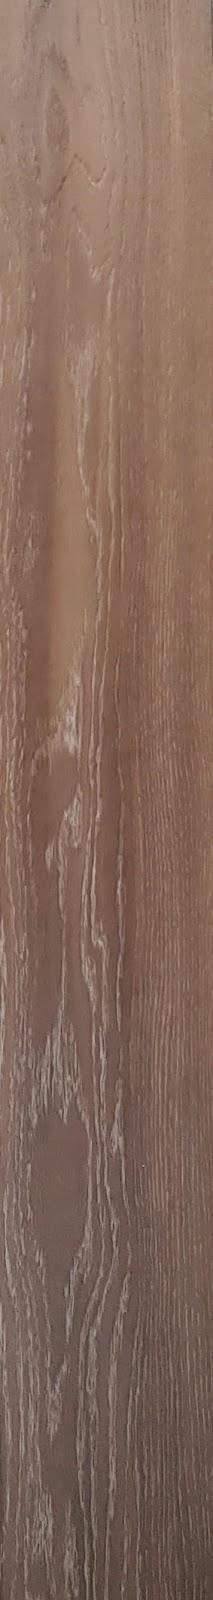 天然木地板-蒼穹褐(浮雕鋼刷雕)